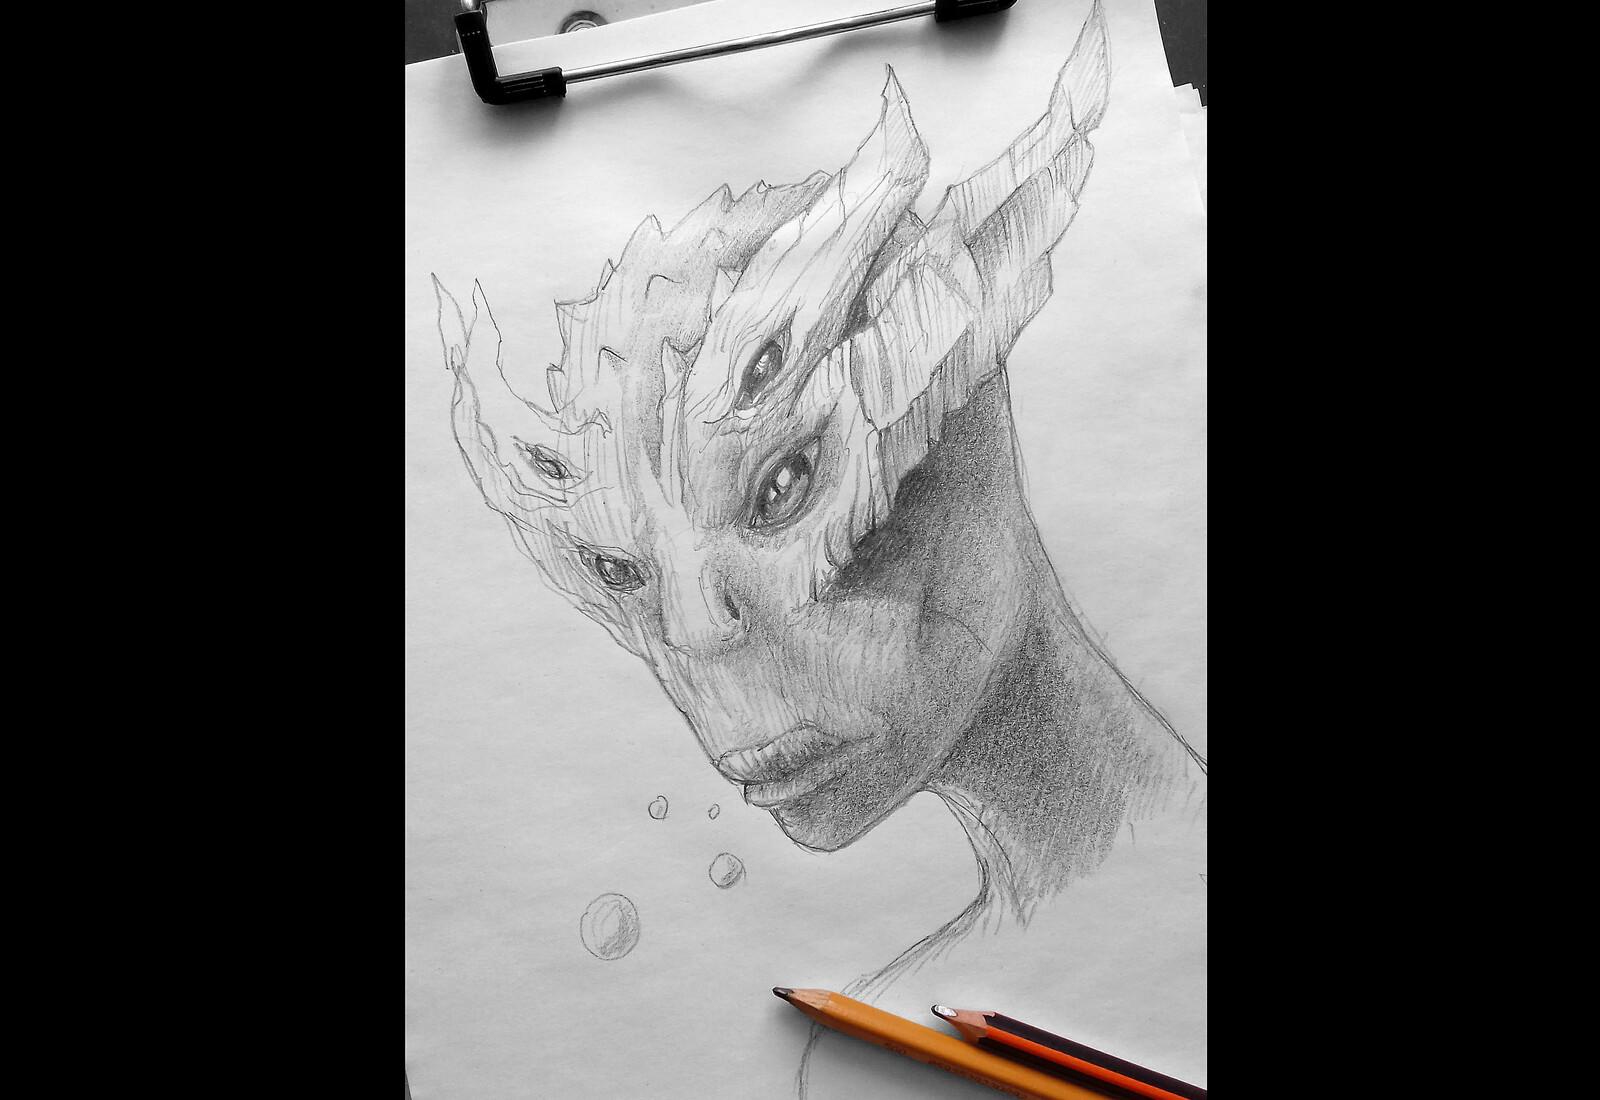 sketch - idea